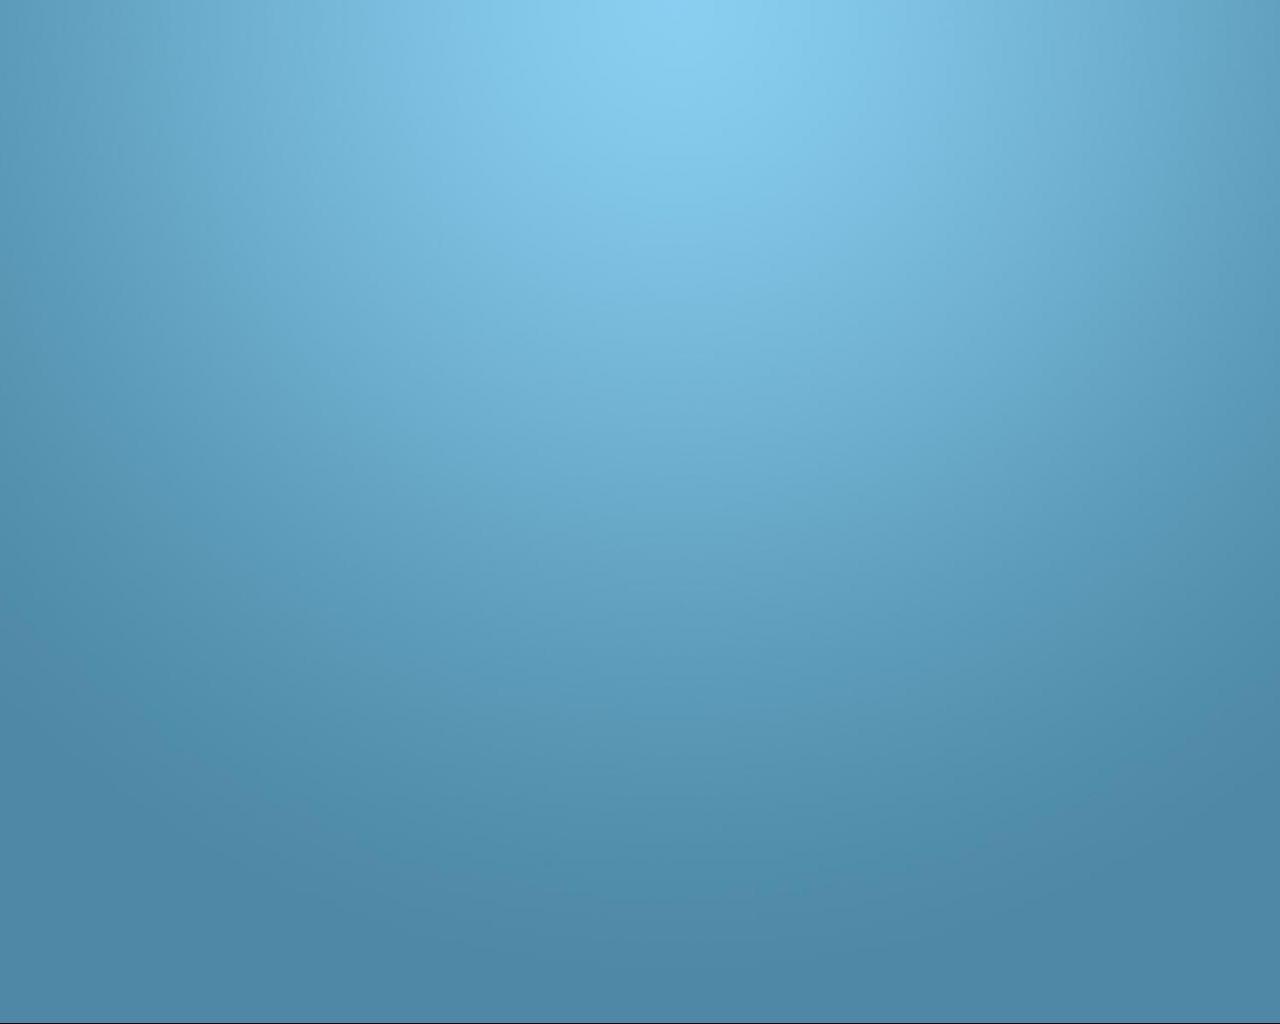 Desktop Background To Solid Color   art wallpaper   background color 1280x1024